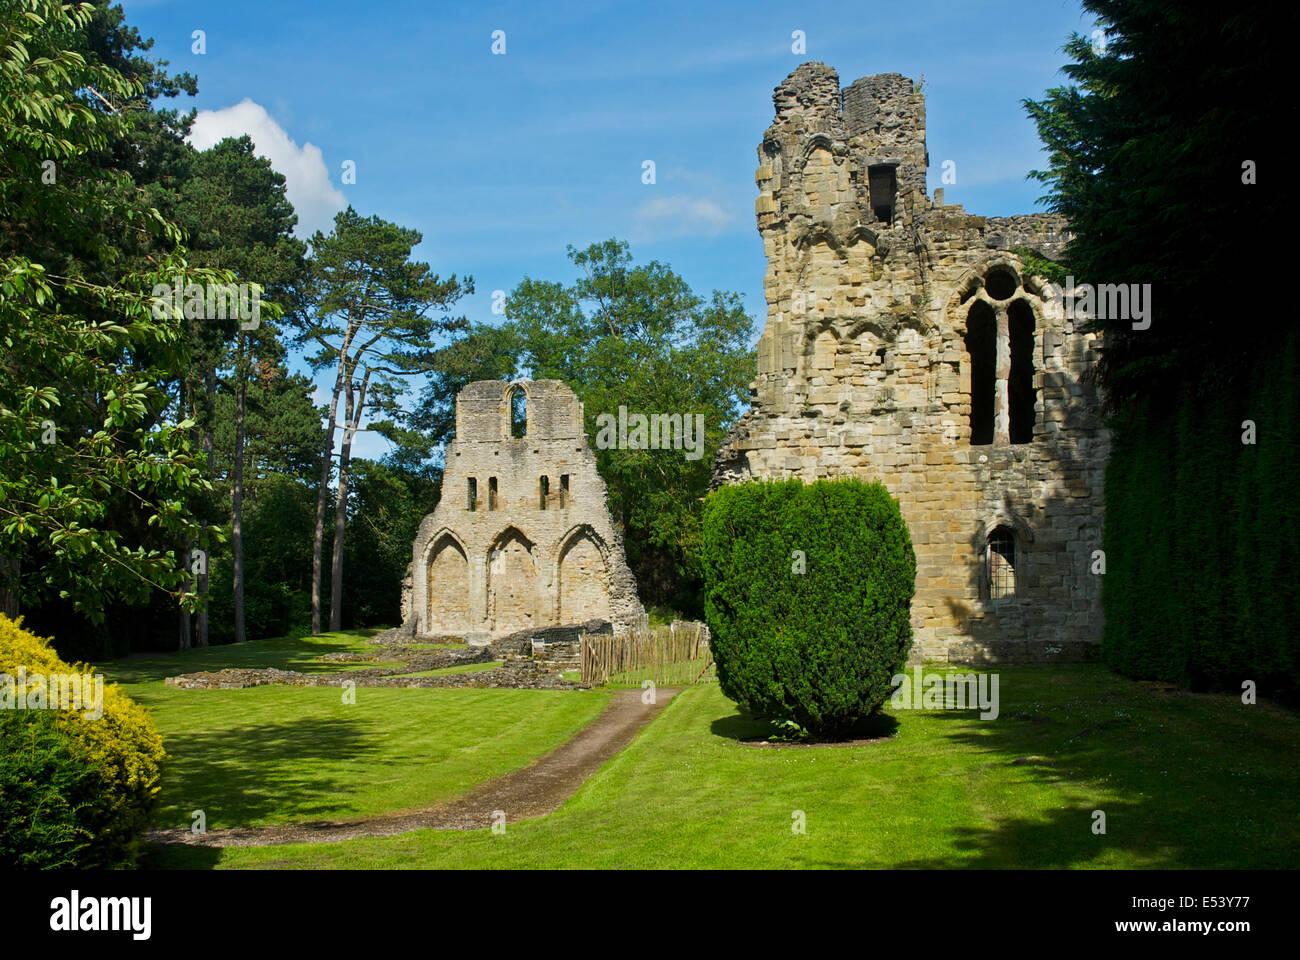 Wenlock Priory, Shropshire, England UK - Stock Image